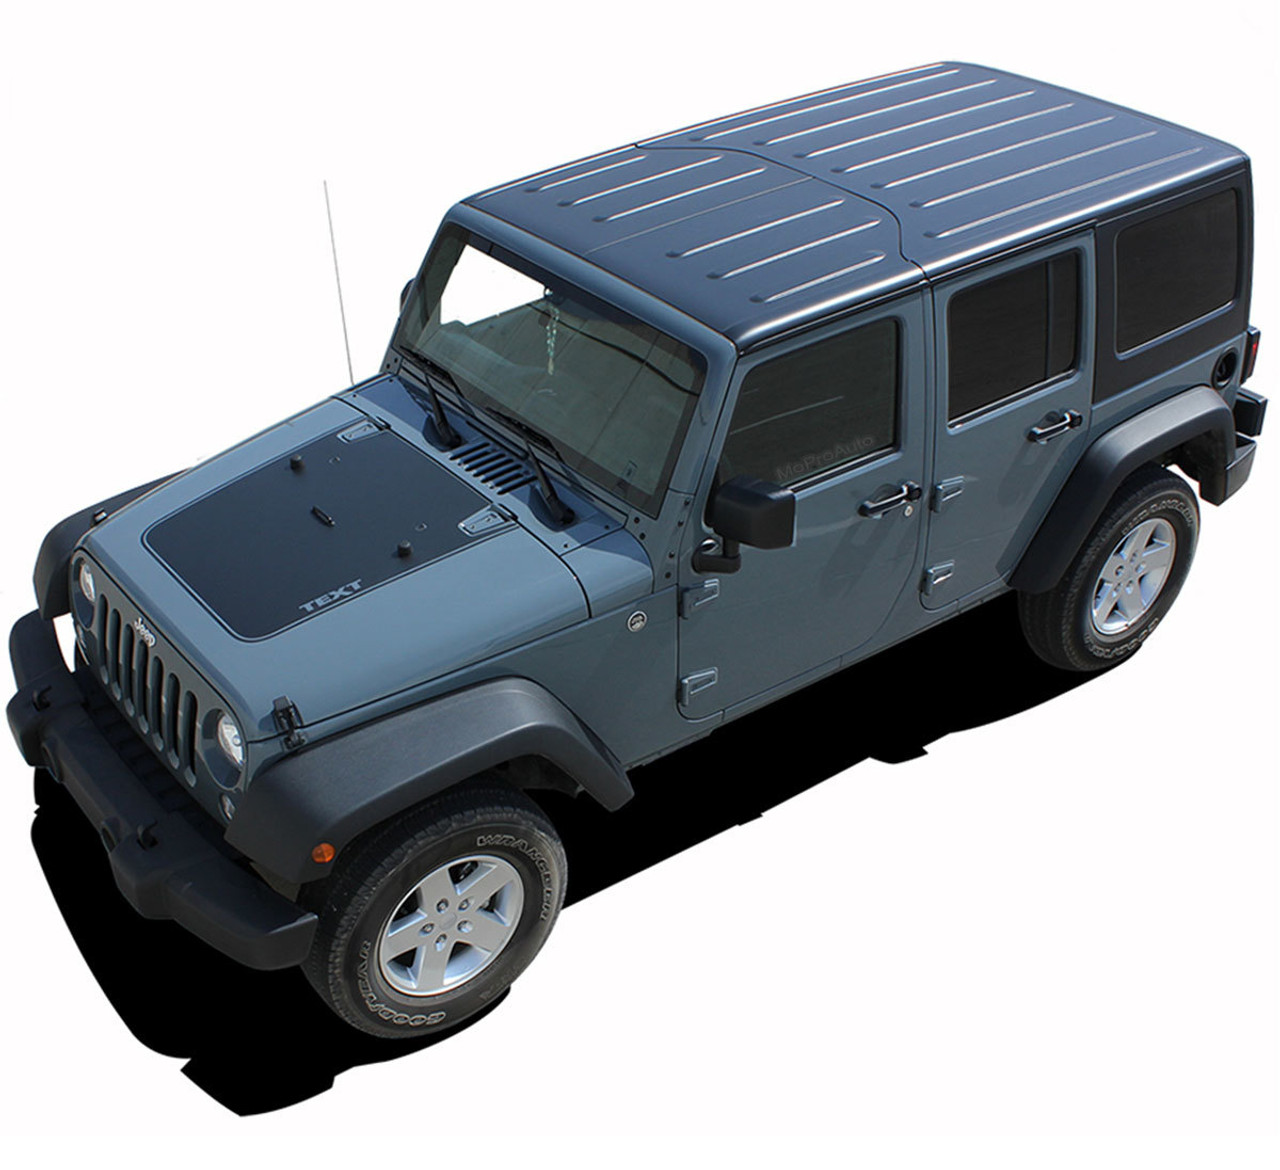 Jeep Wrangler | 2007-2017